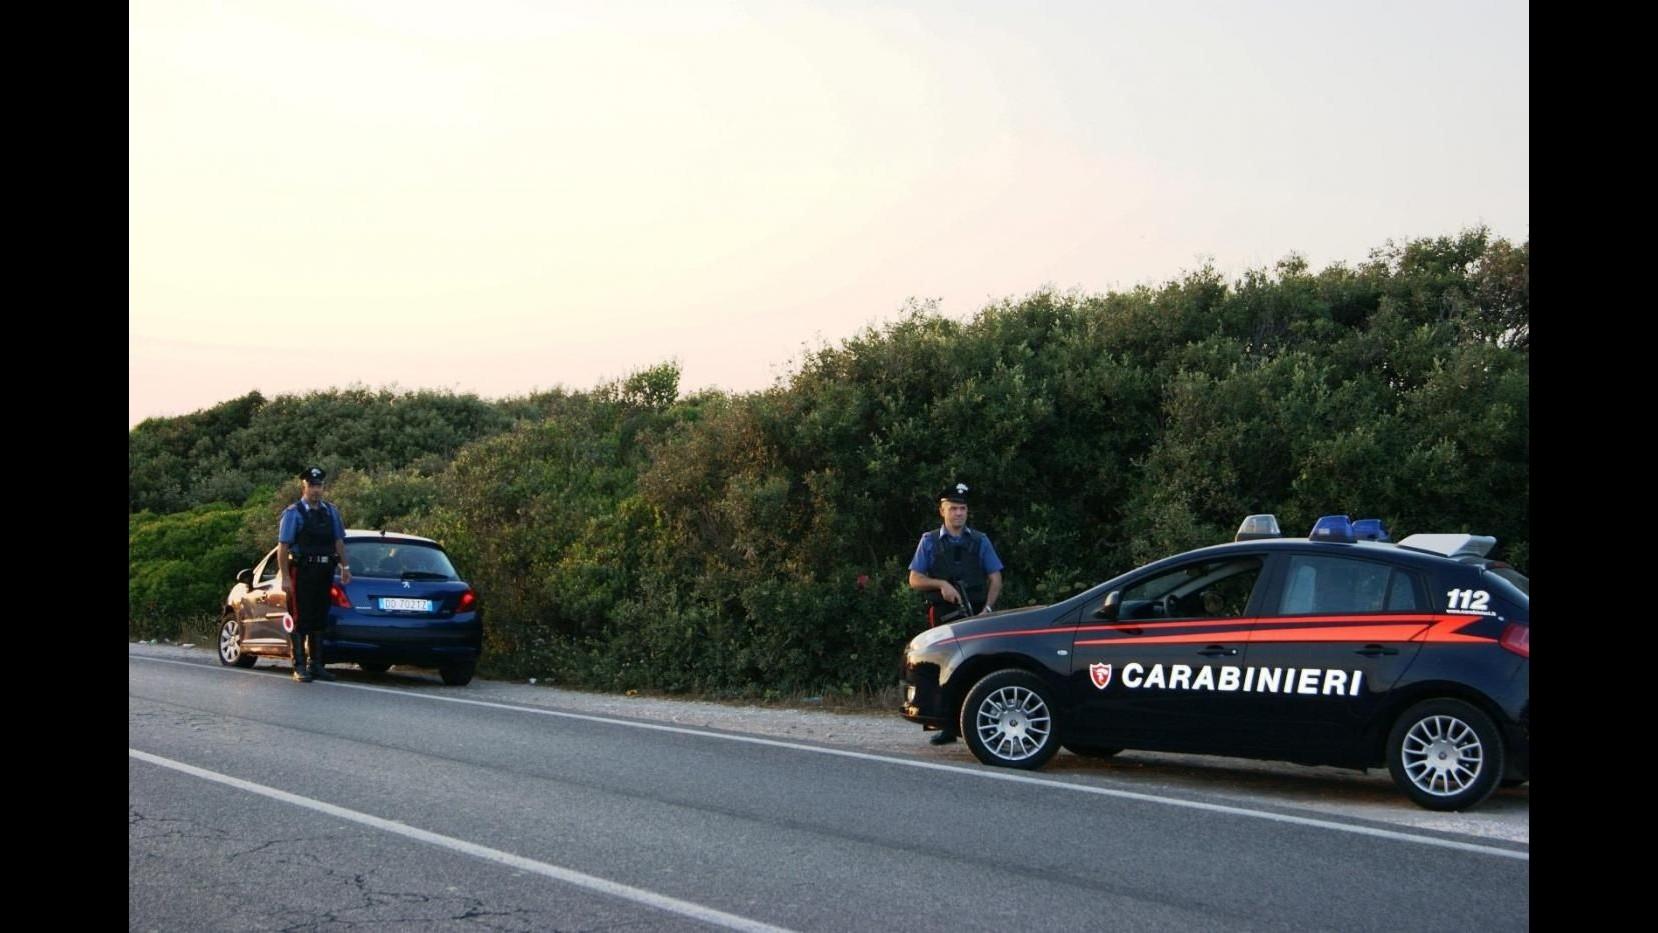 Camorra,operazione antidroga:12 arresti nel napoletano e nel casertano